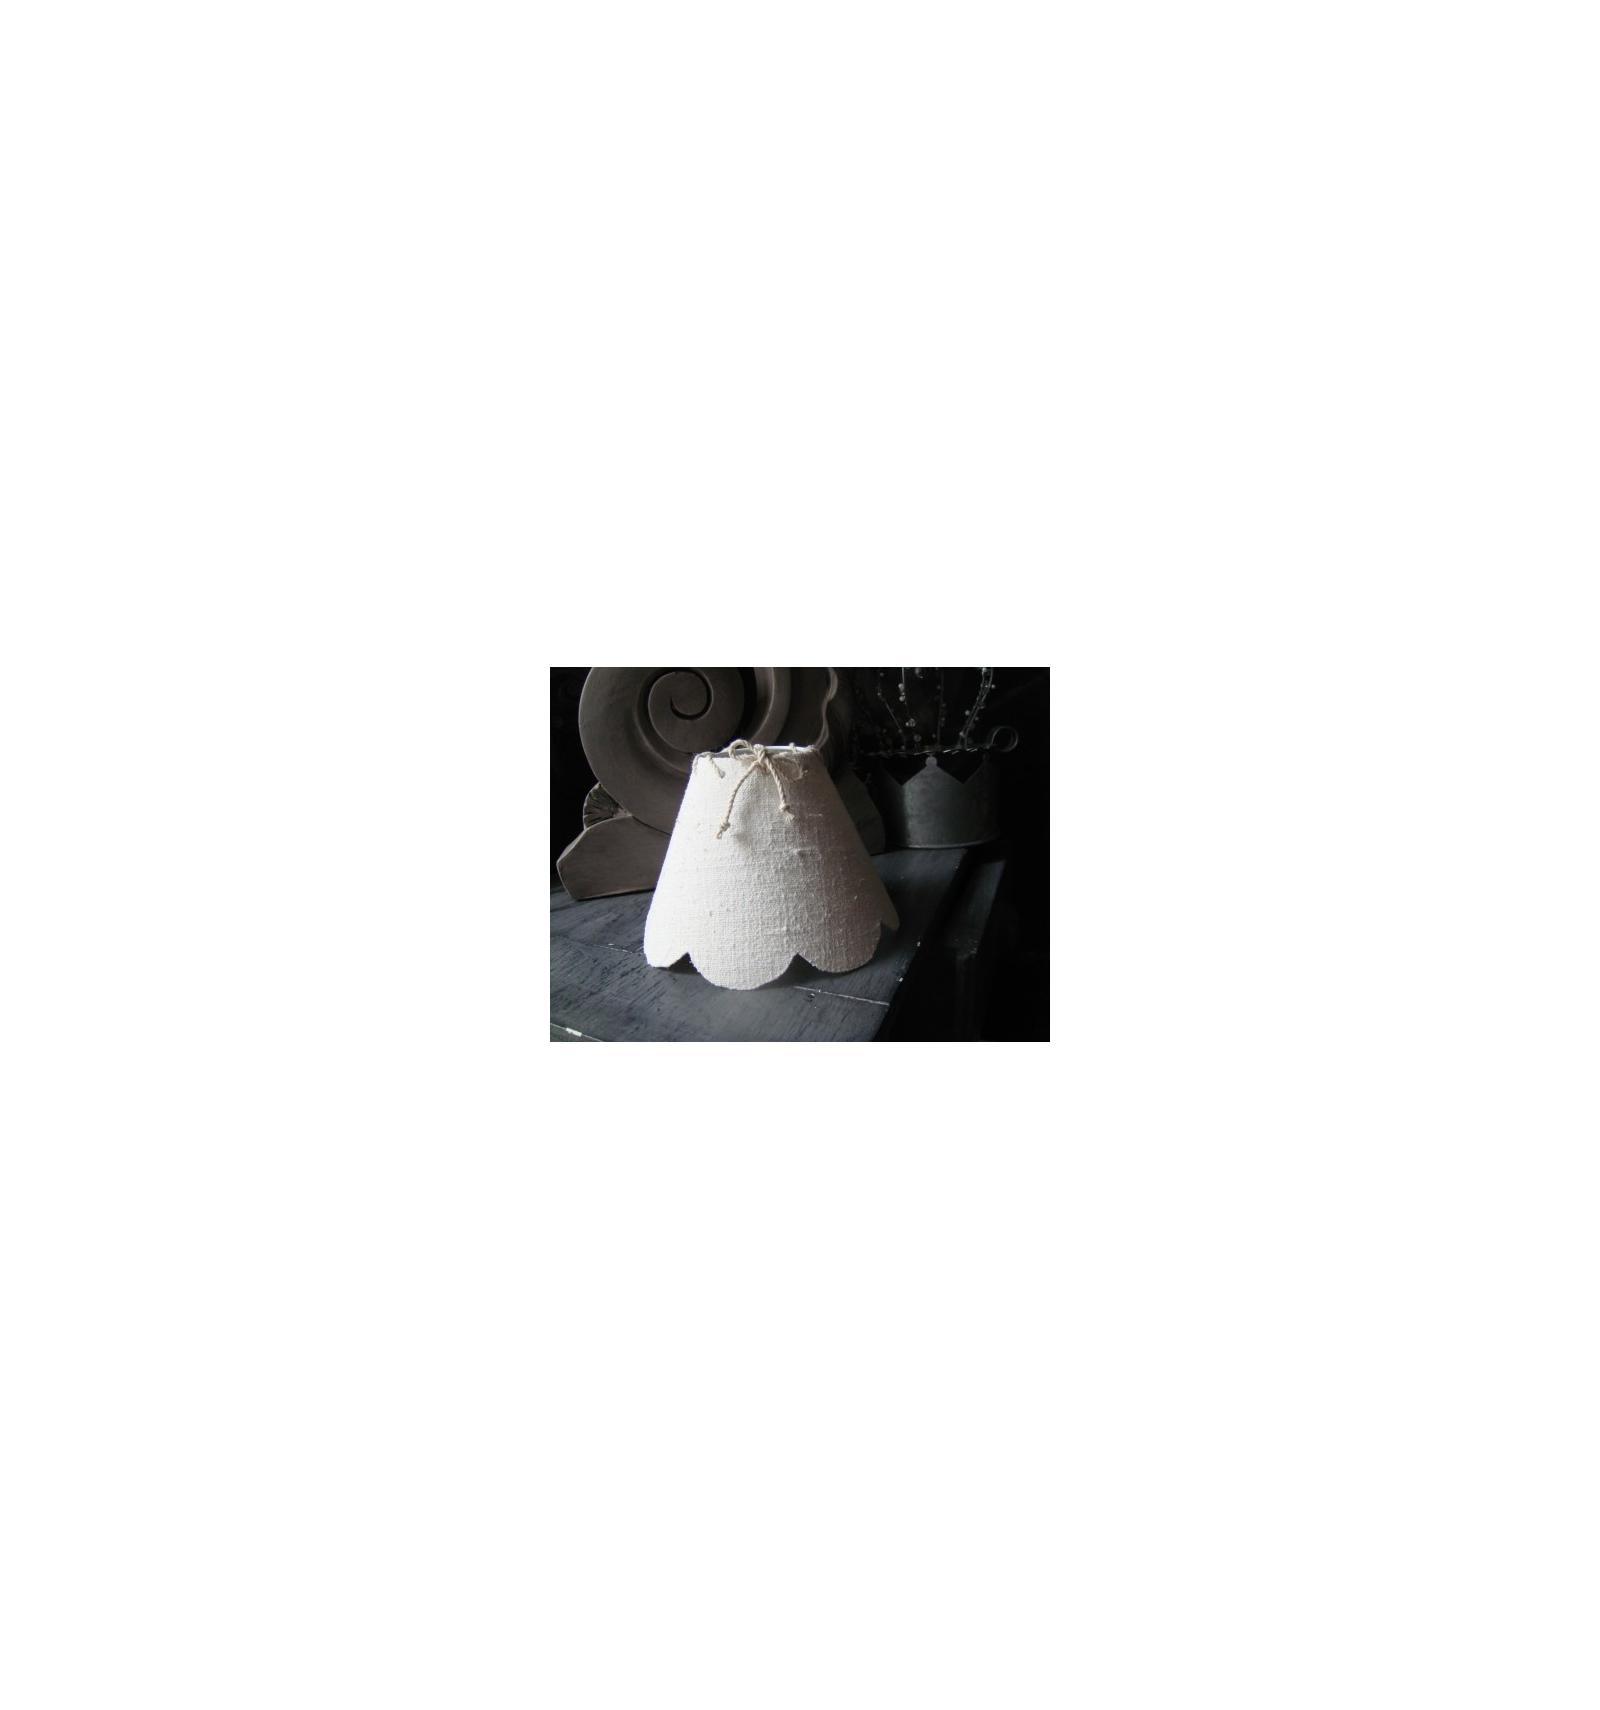 abat jour festonn petit mod le lin ancien blanchi belette en compagnie. Black Bedroom Furniture Sets. Home Design Ideas